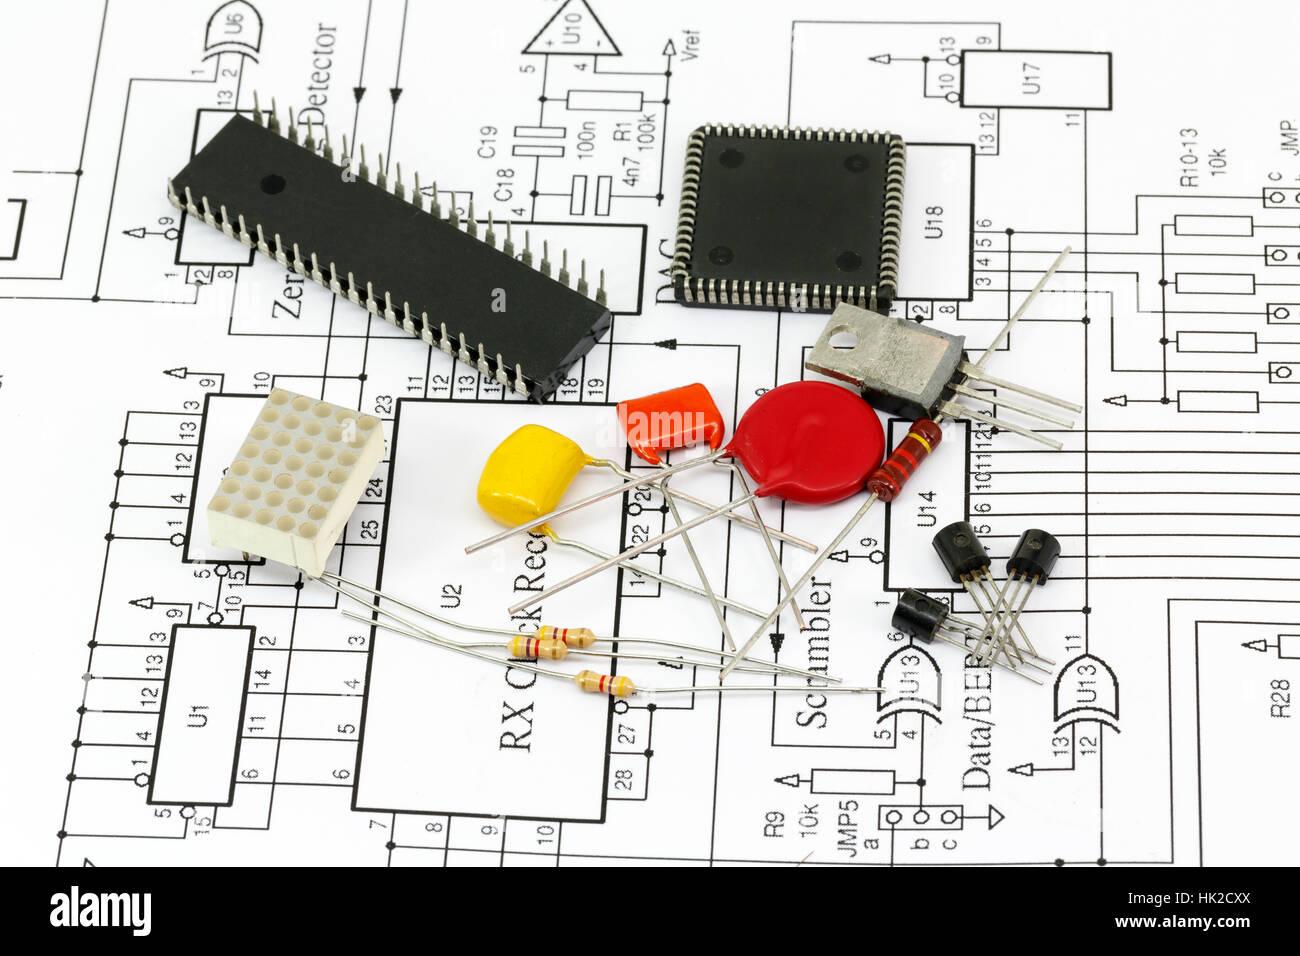 Circuito Transistor : La ciencia la tecnología la radio el circuito el condensador